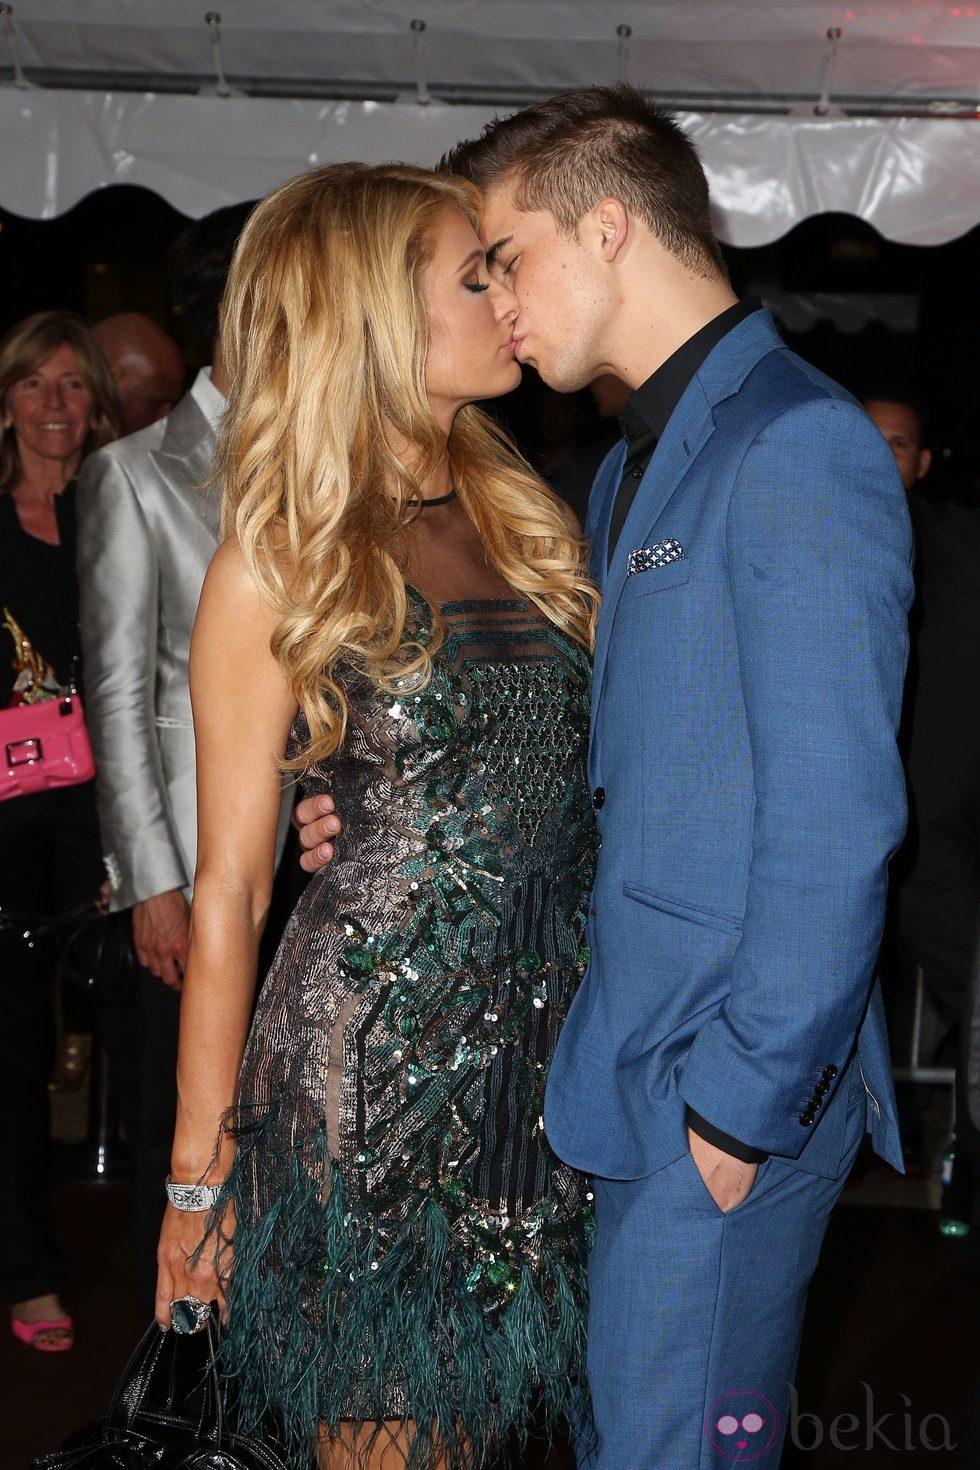 Paris Hilton y River Viiperi besándose en la fiesta en el yate de Roberto Cavalli en Cannes